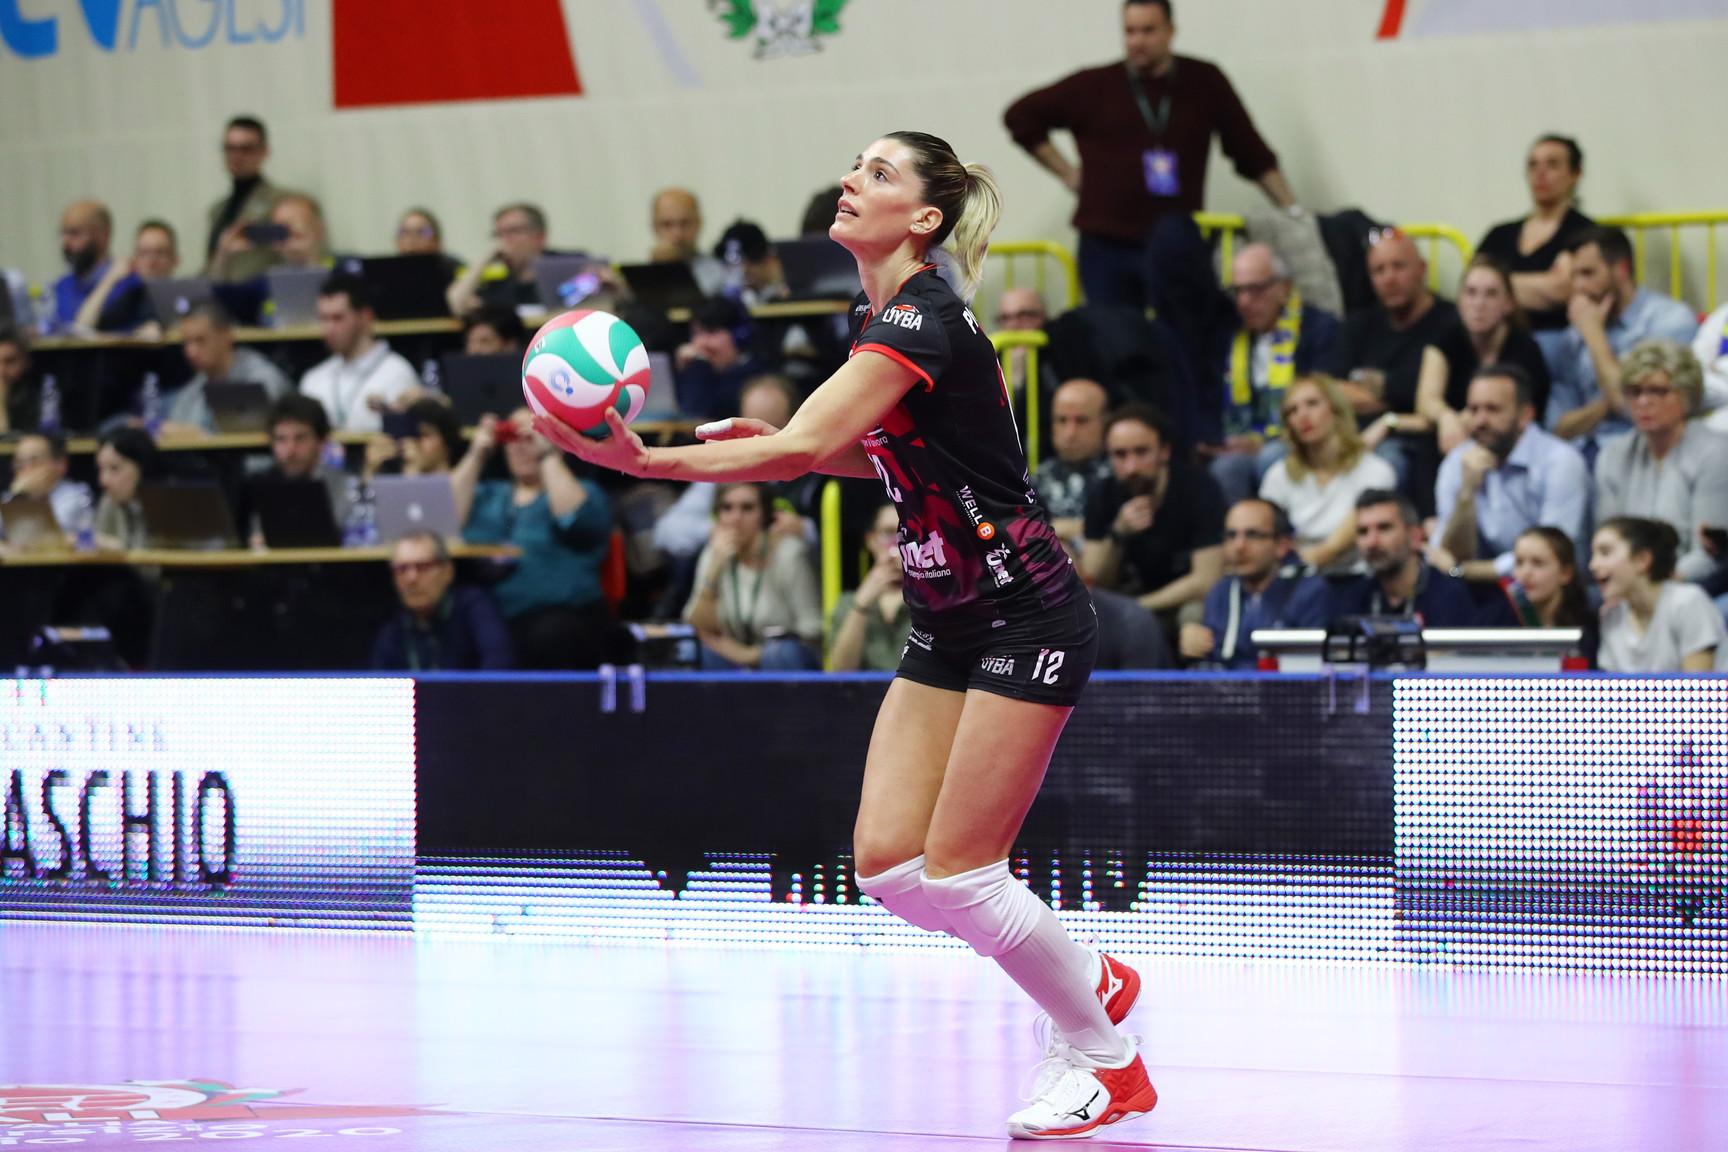 Nella partita fin qui pi&ugrave; difficile della stagione, Lavarini si affida all&#39;esperienza di Francesca Piccinini. Tutta la classe della regina del volley, per&ograve;, non &egrave; bastata per ribaltare la finale di Coppa Italia contro l&#39;Imoco Volley Conegliano. Grande applauso di tutto il PalaYamamay, anche dai tifosi veneti, per il suo attesissimo rientro in campo.<br /><br />